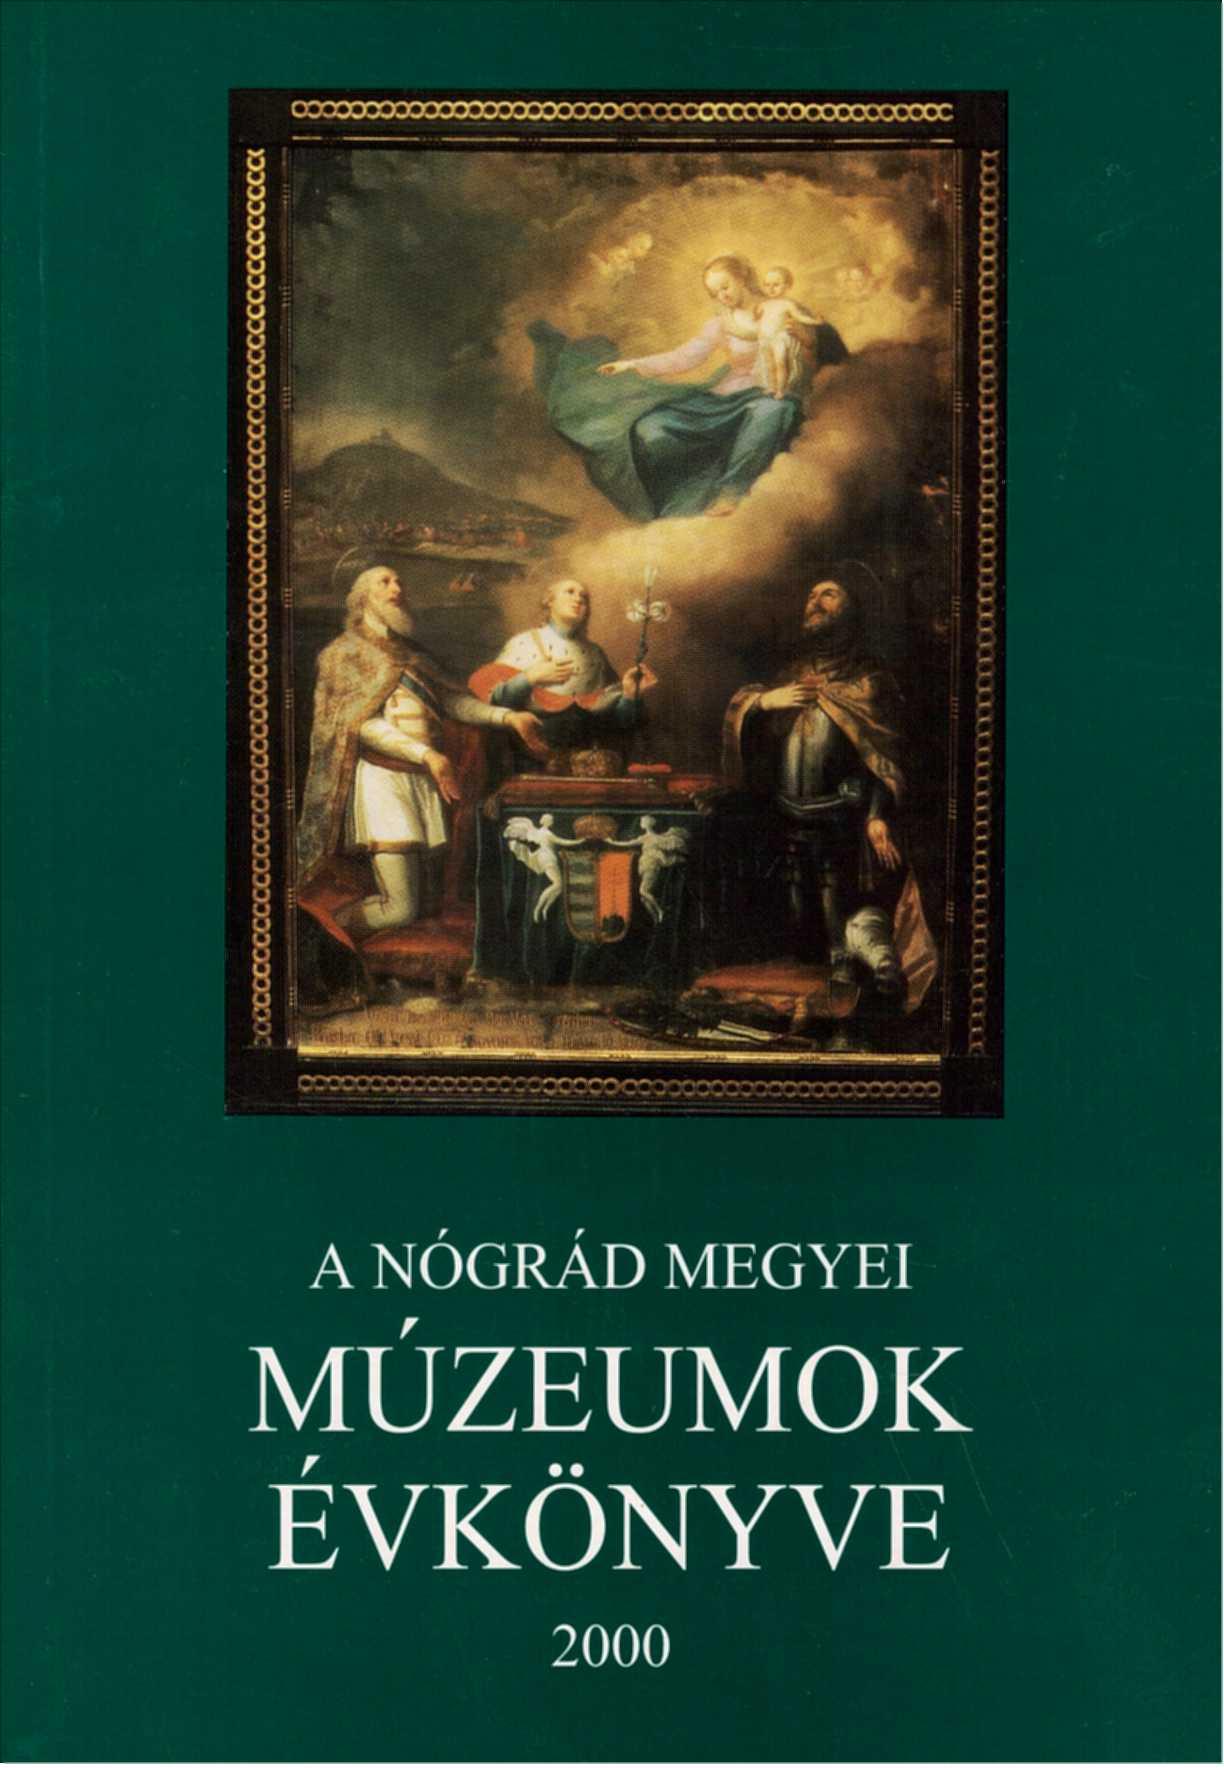 <b>A Nógrád Megyei Múzeumok Évkönyve XXIV.</b>